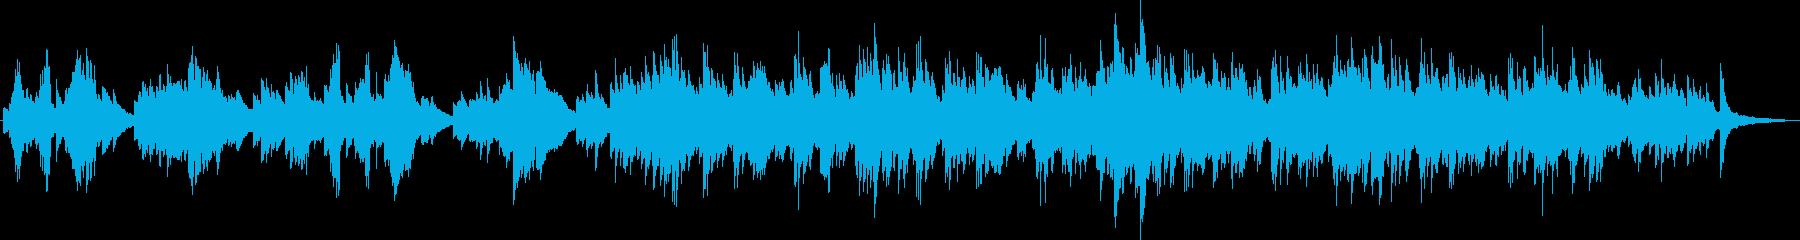 シンプルで優しいピアノソロ曲の再生済みの波形